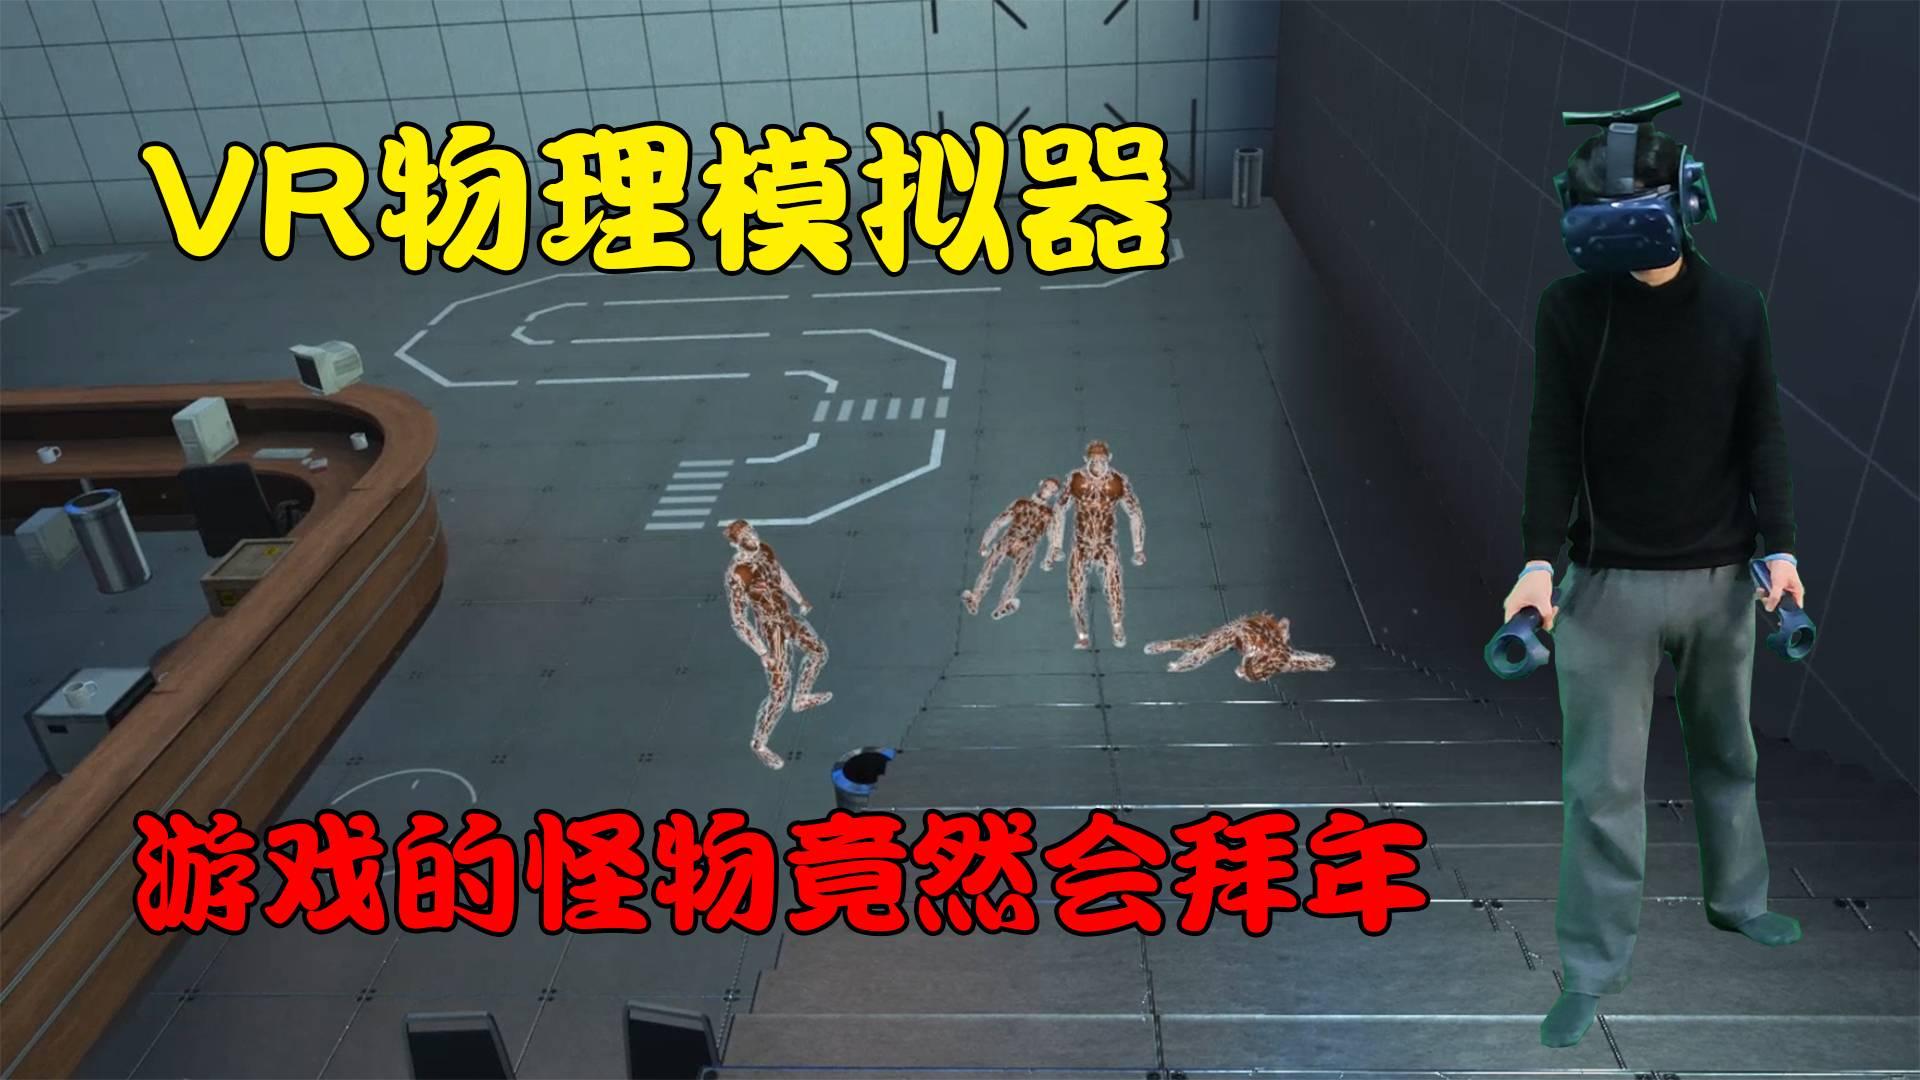 VR物理模拟器——遇见一群会磕头拜年的怪物,我没红包只能动手了